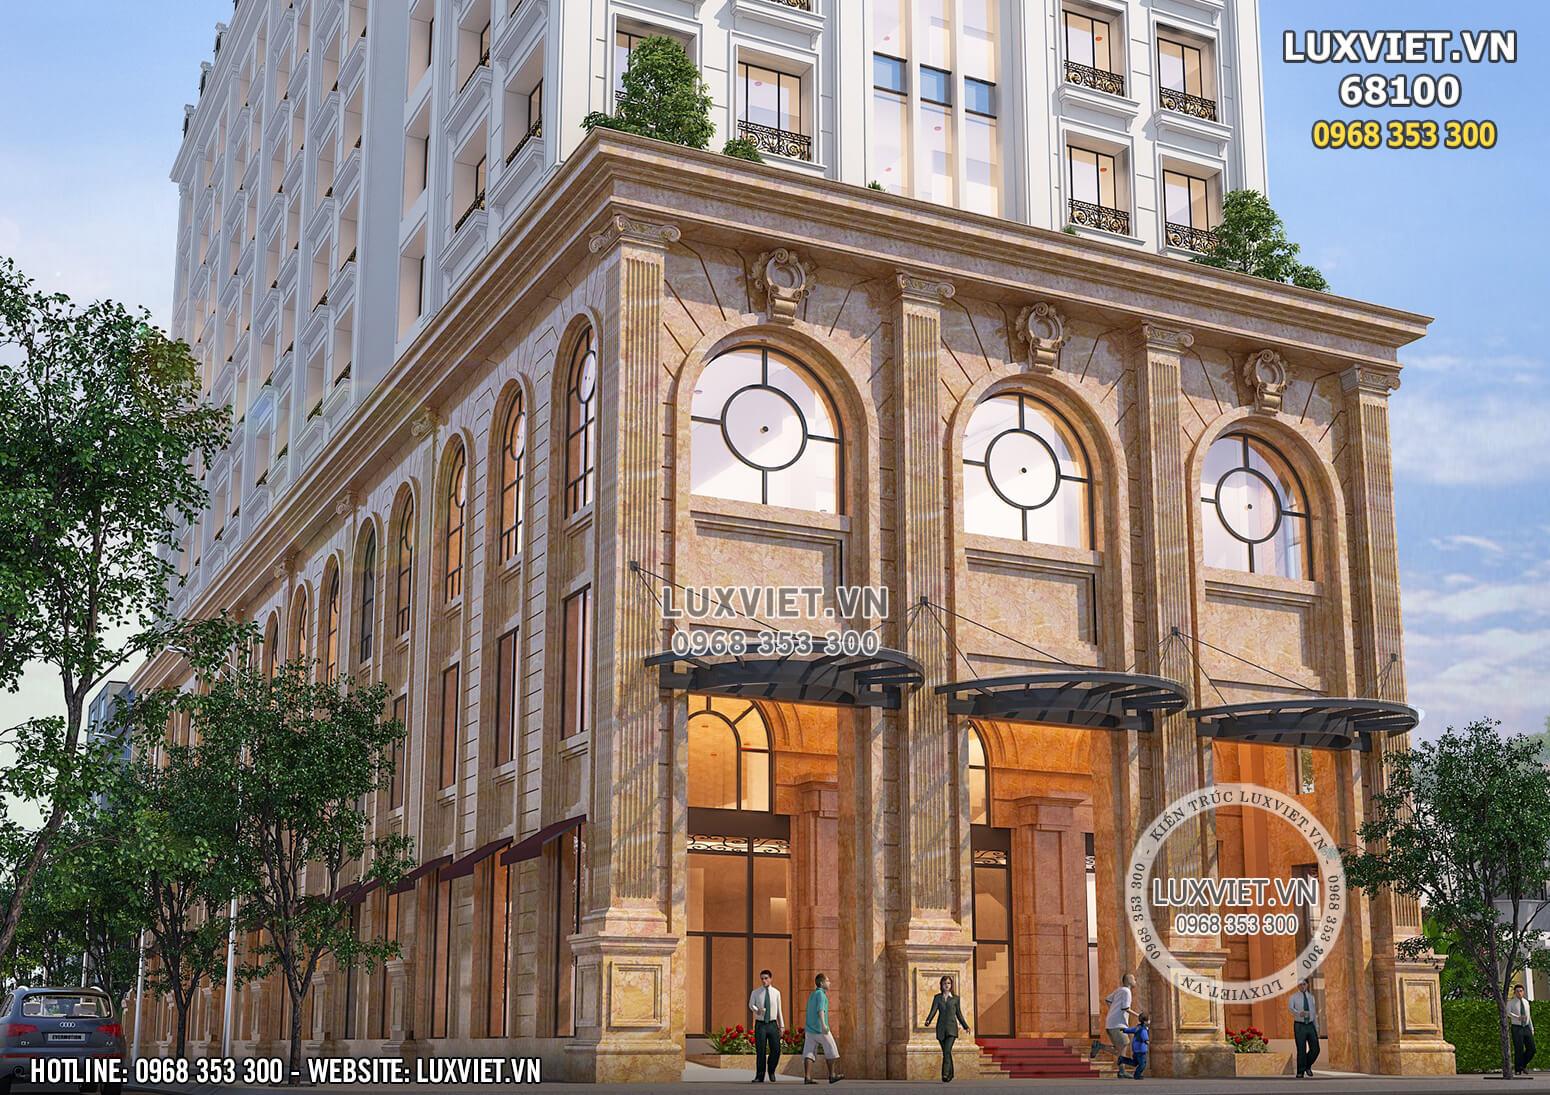 Hình ảnh: Mặt tiền của mẫu thiết kế khách sạn 4 sao tân cổ điển vào ban ngày